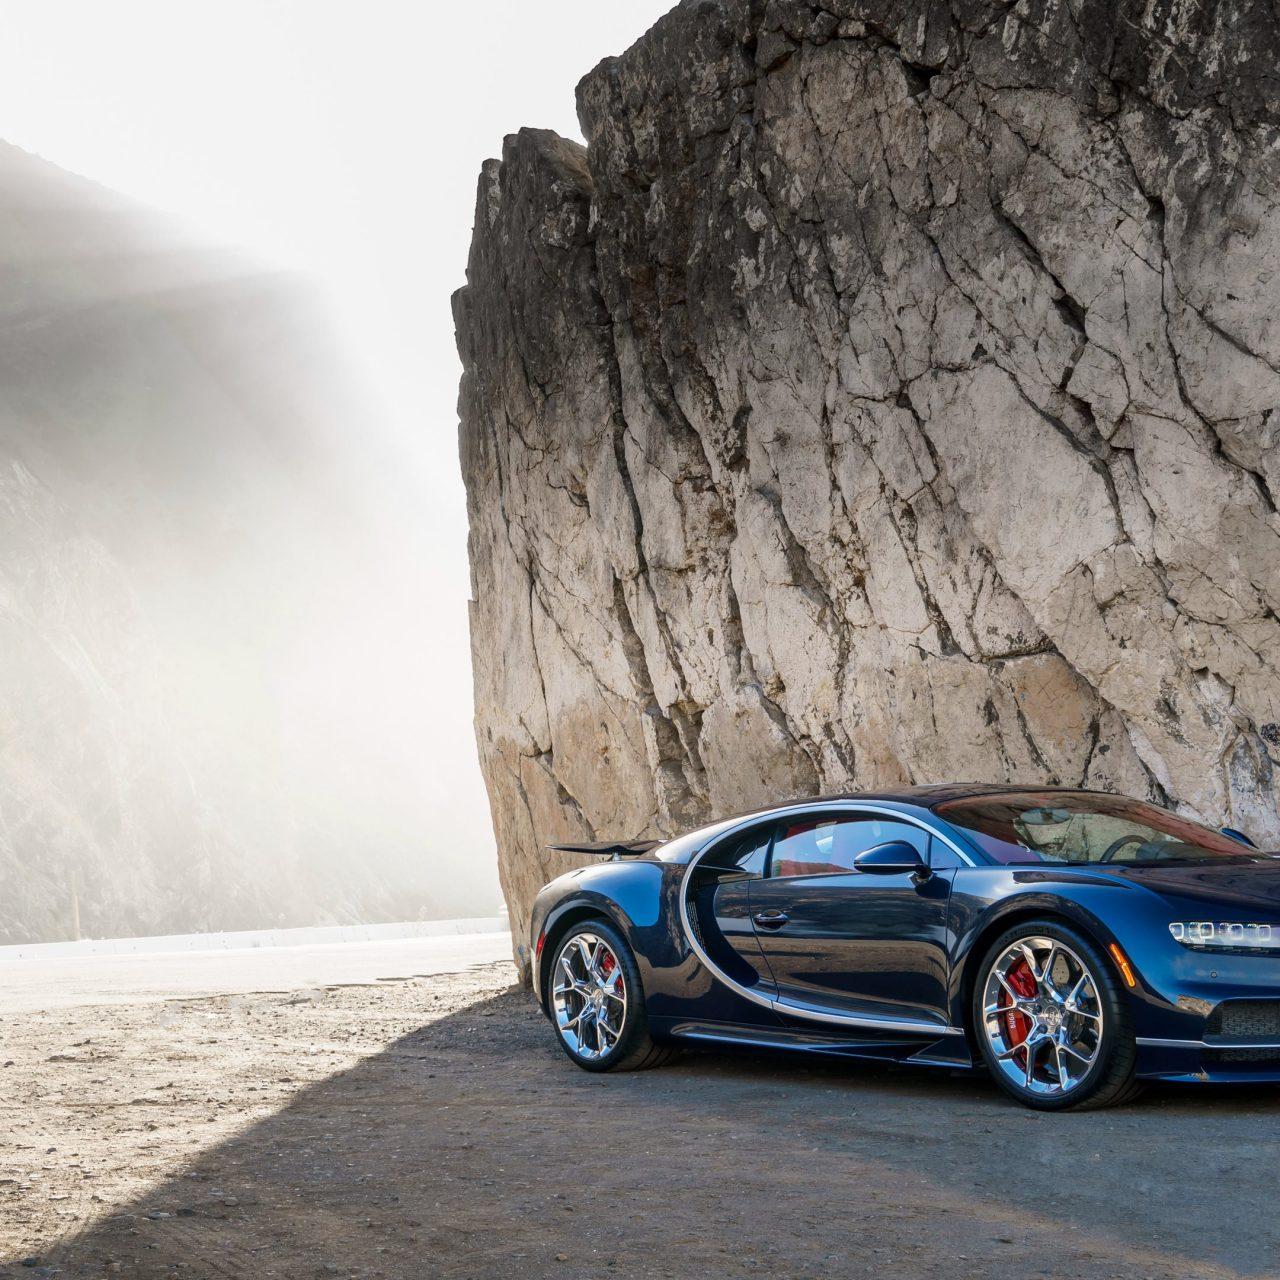 Bugatti Chiron 2018 Wallpapers